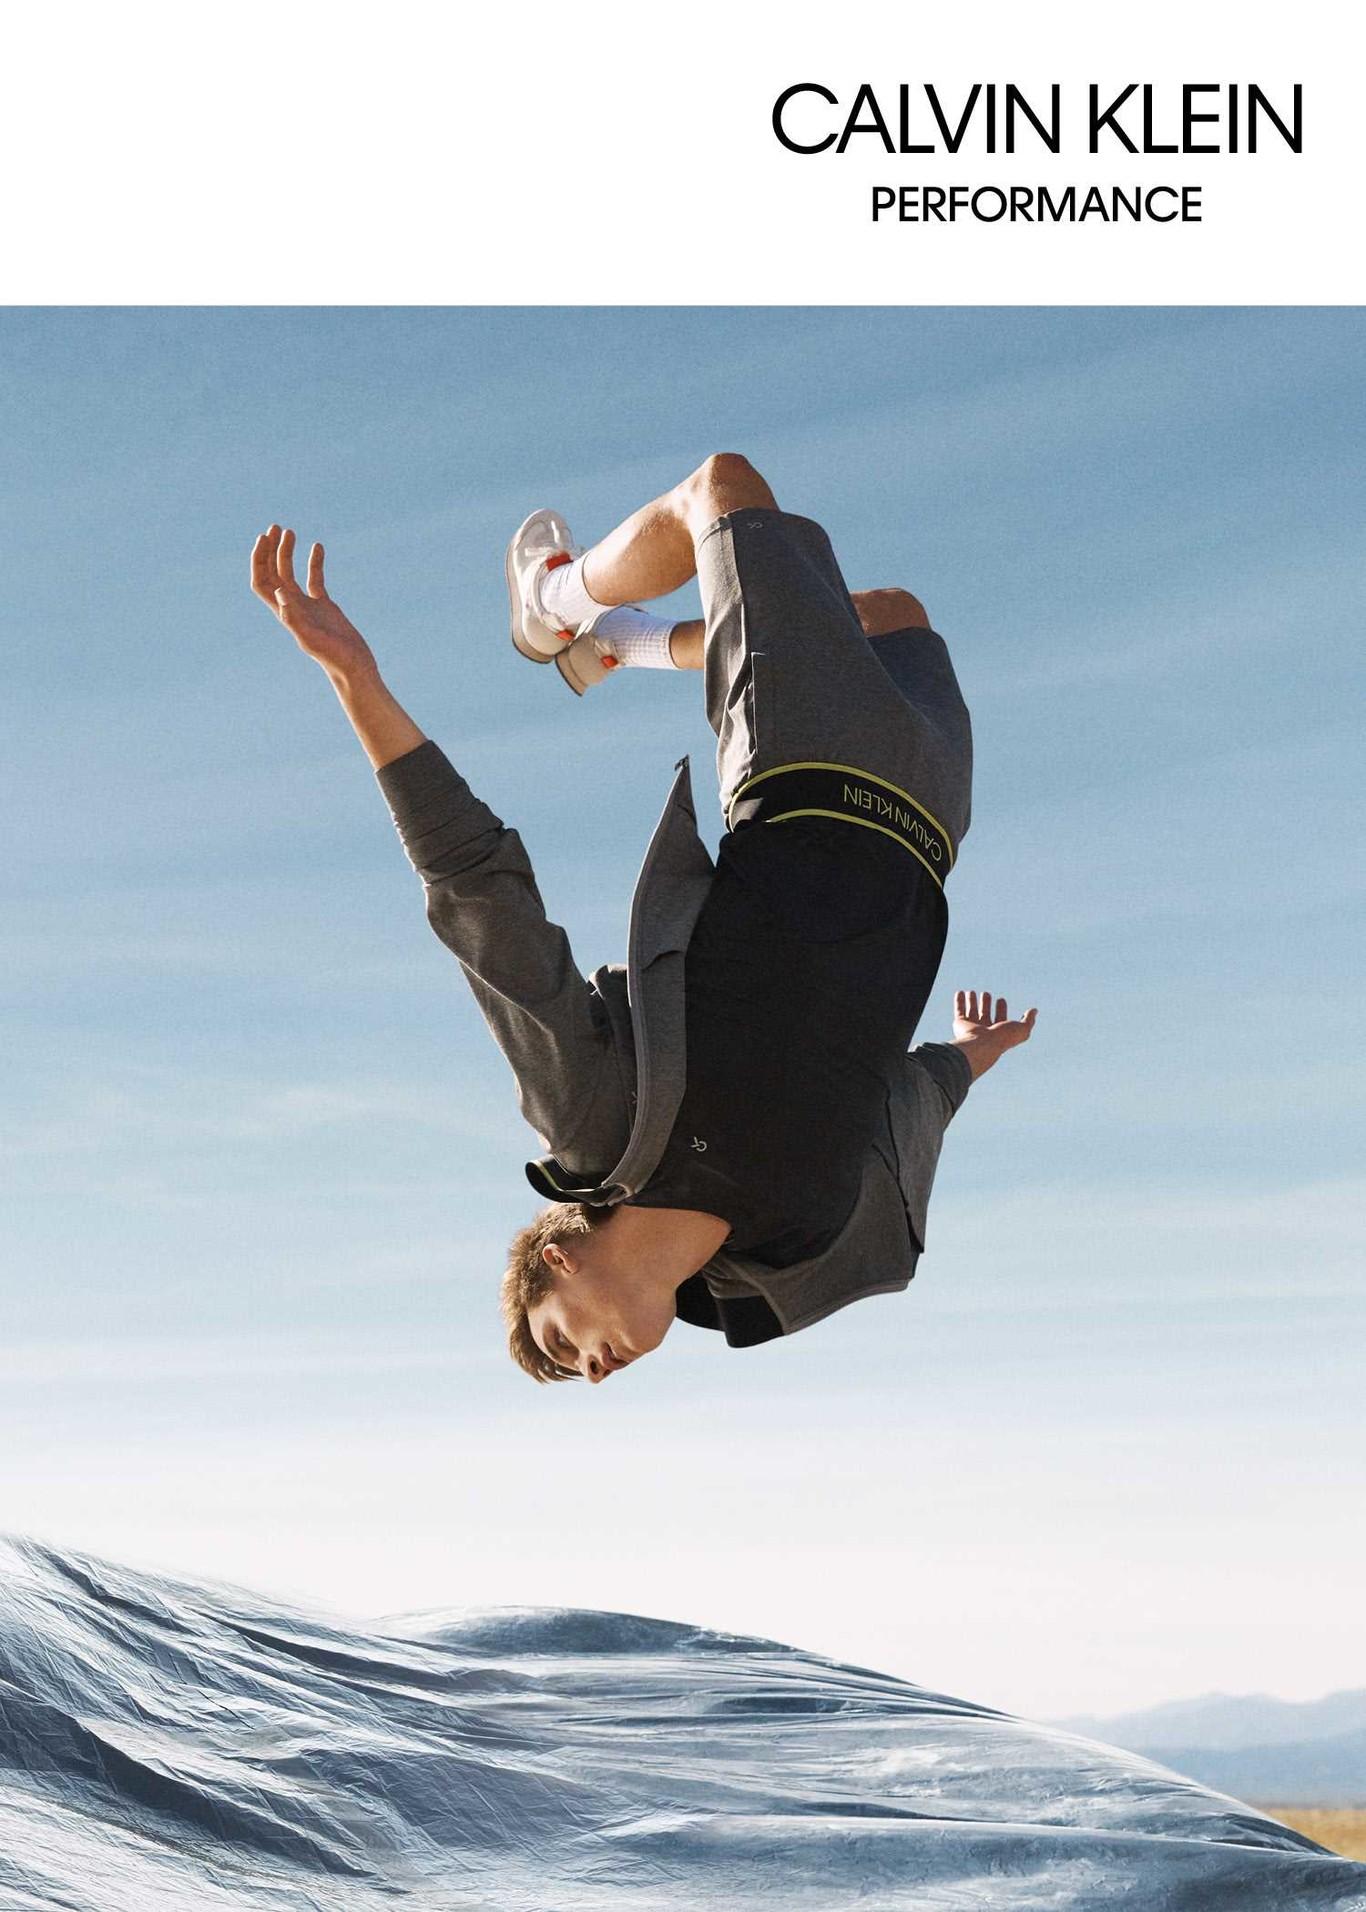 Diseñada para moverse  así es la propuesta Performance de Calvin Klein 698beddf16a